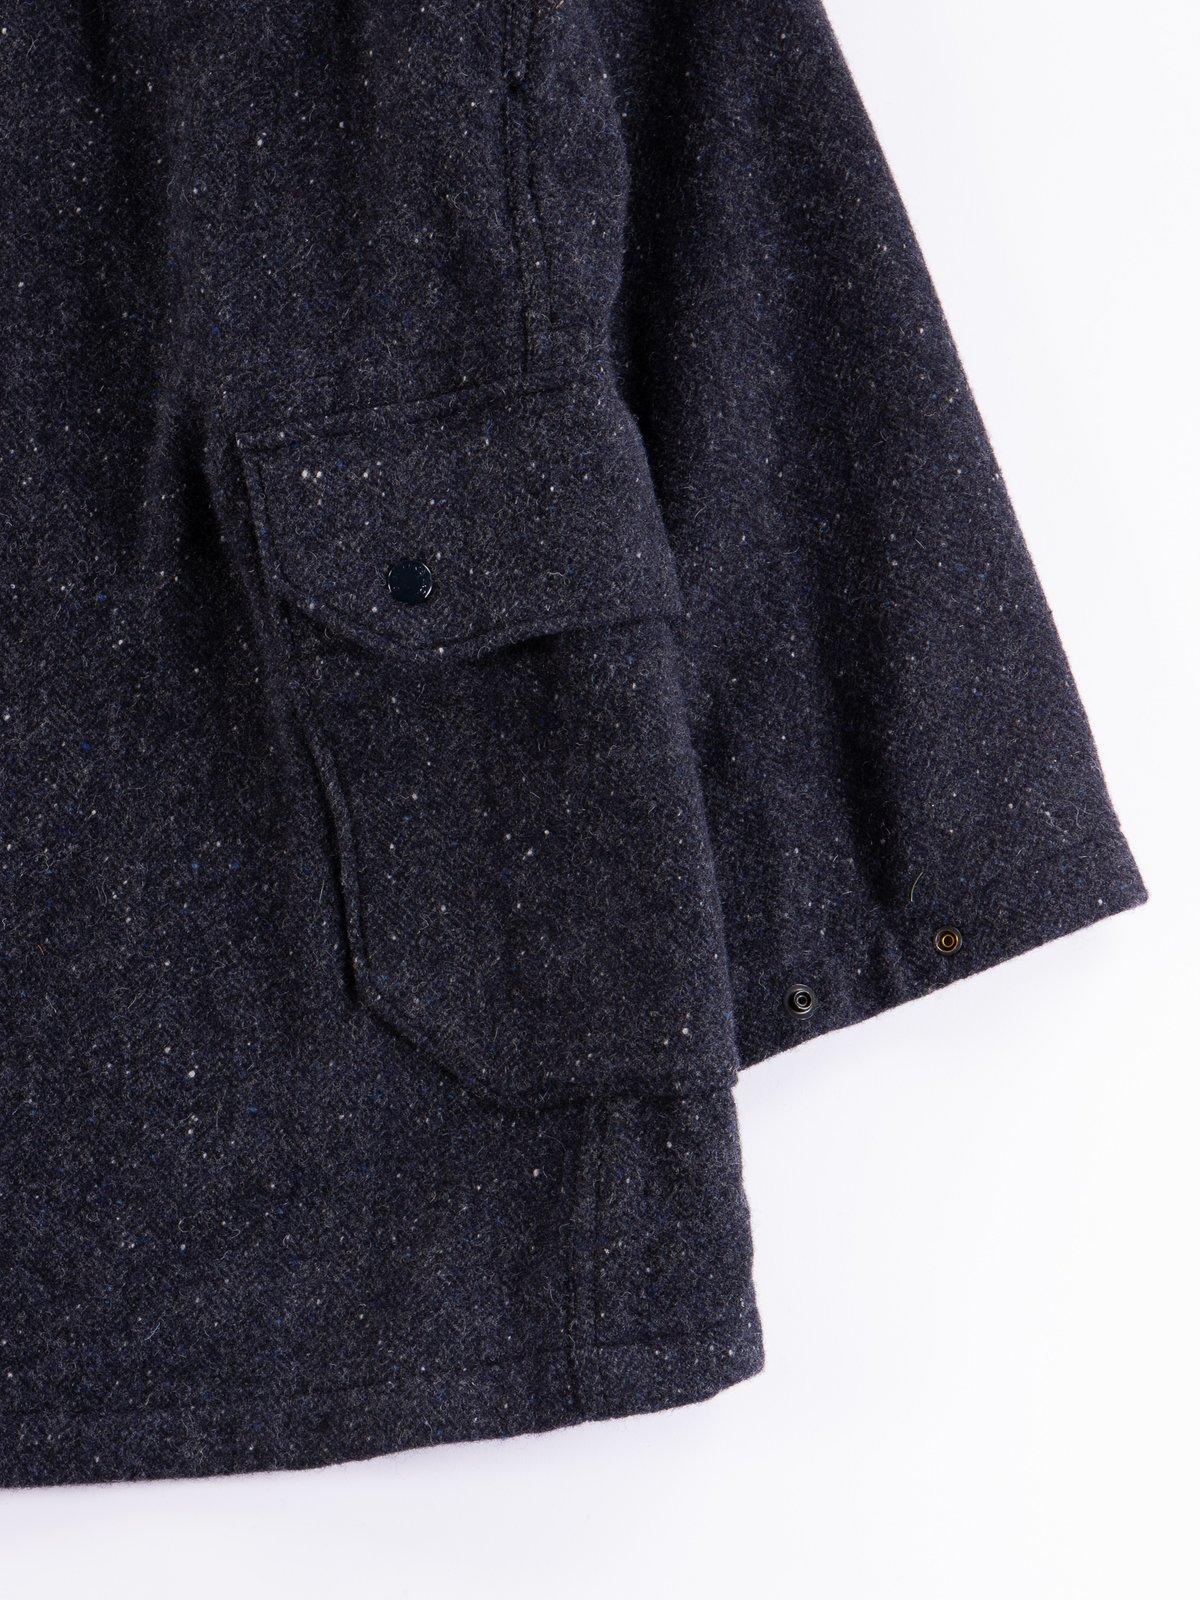 Navy Herringbone Donegal Wool Tweed Madison Parka - Image 13